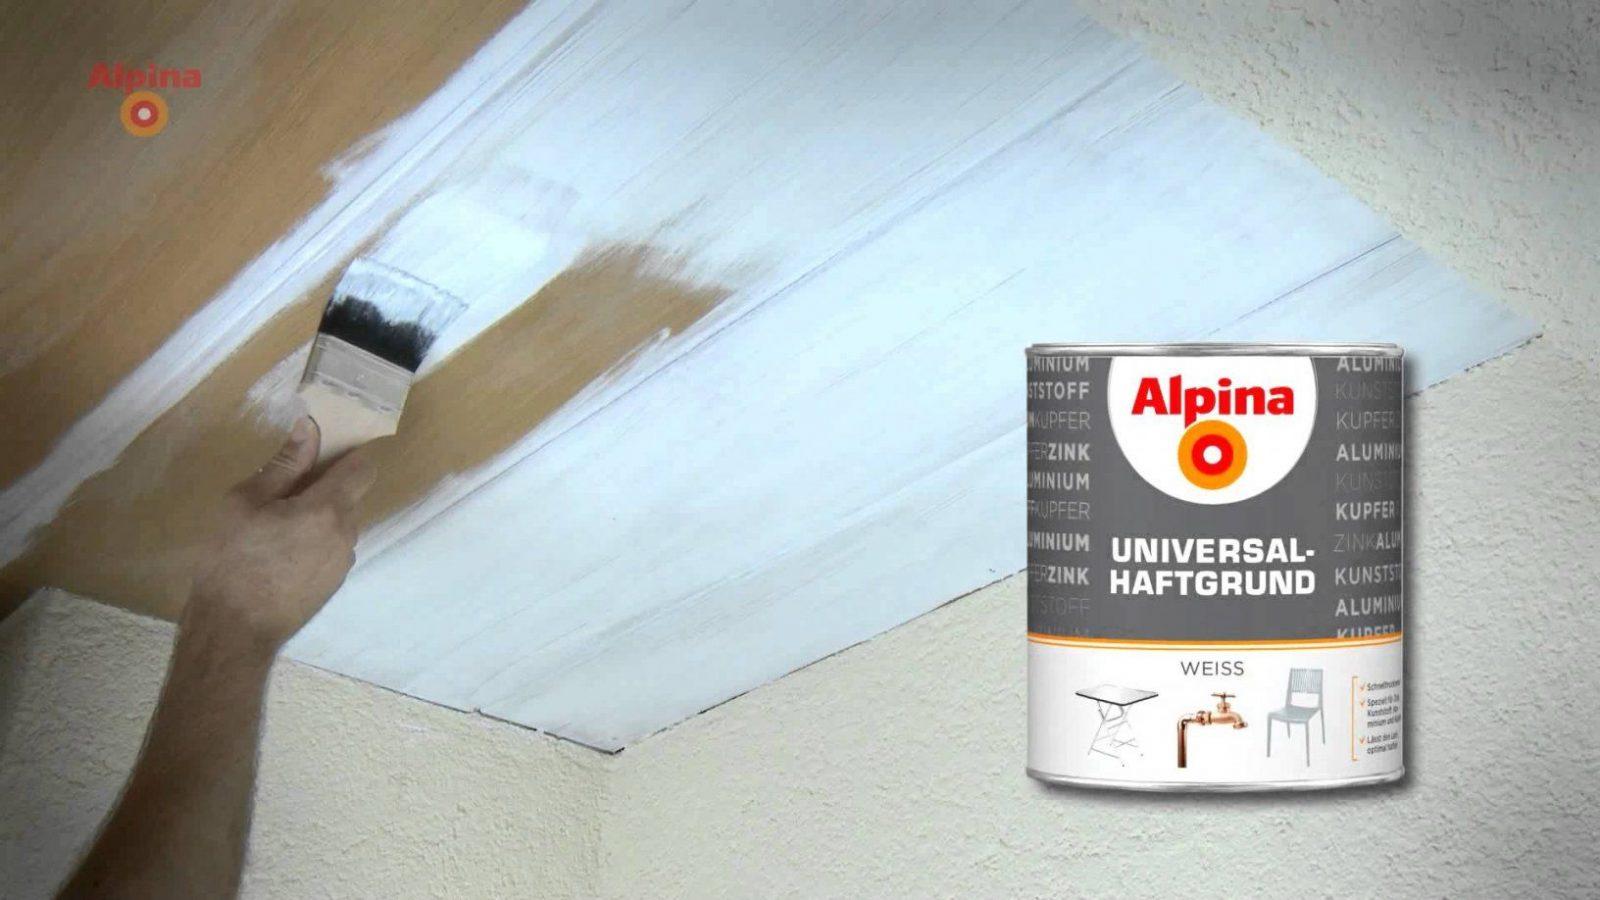 Alpina Farben  Holzdecke Lackieren  Youtube von Dunkle Holzdecke Weiß Streichen Bild